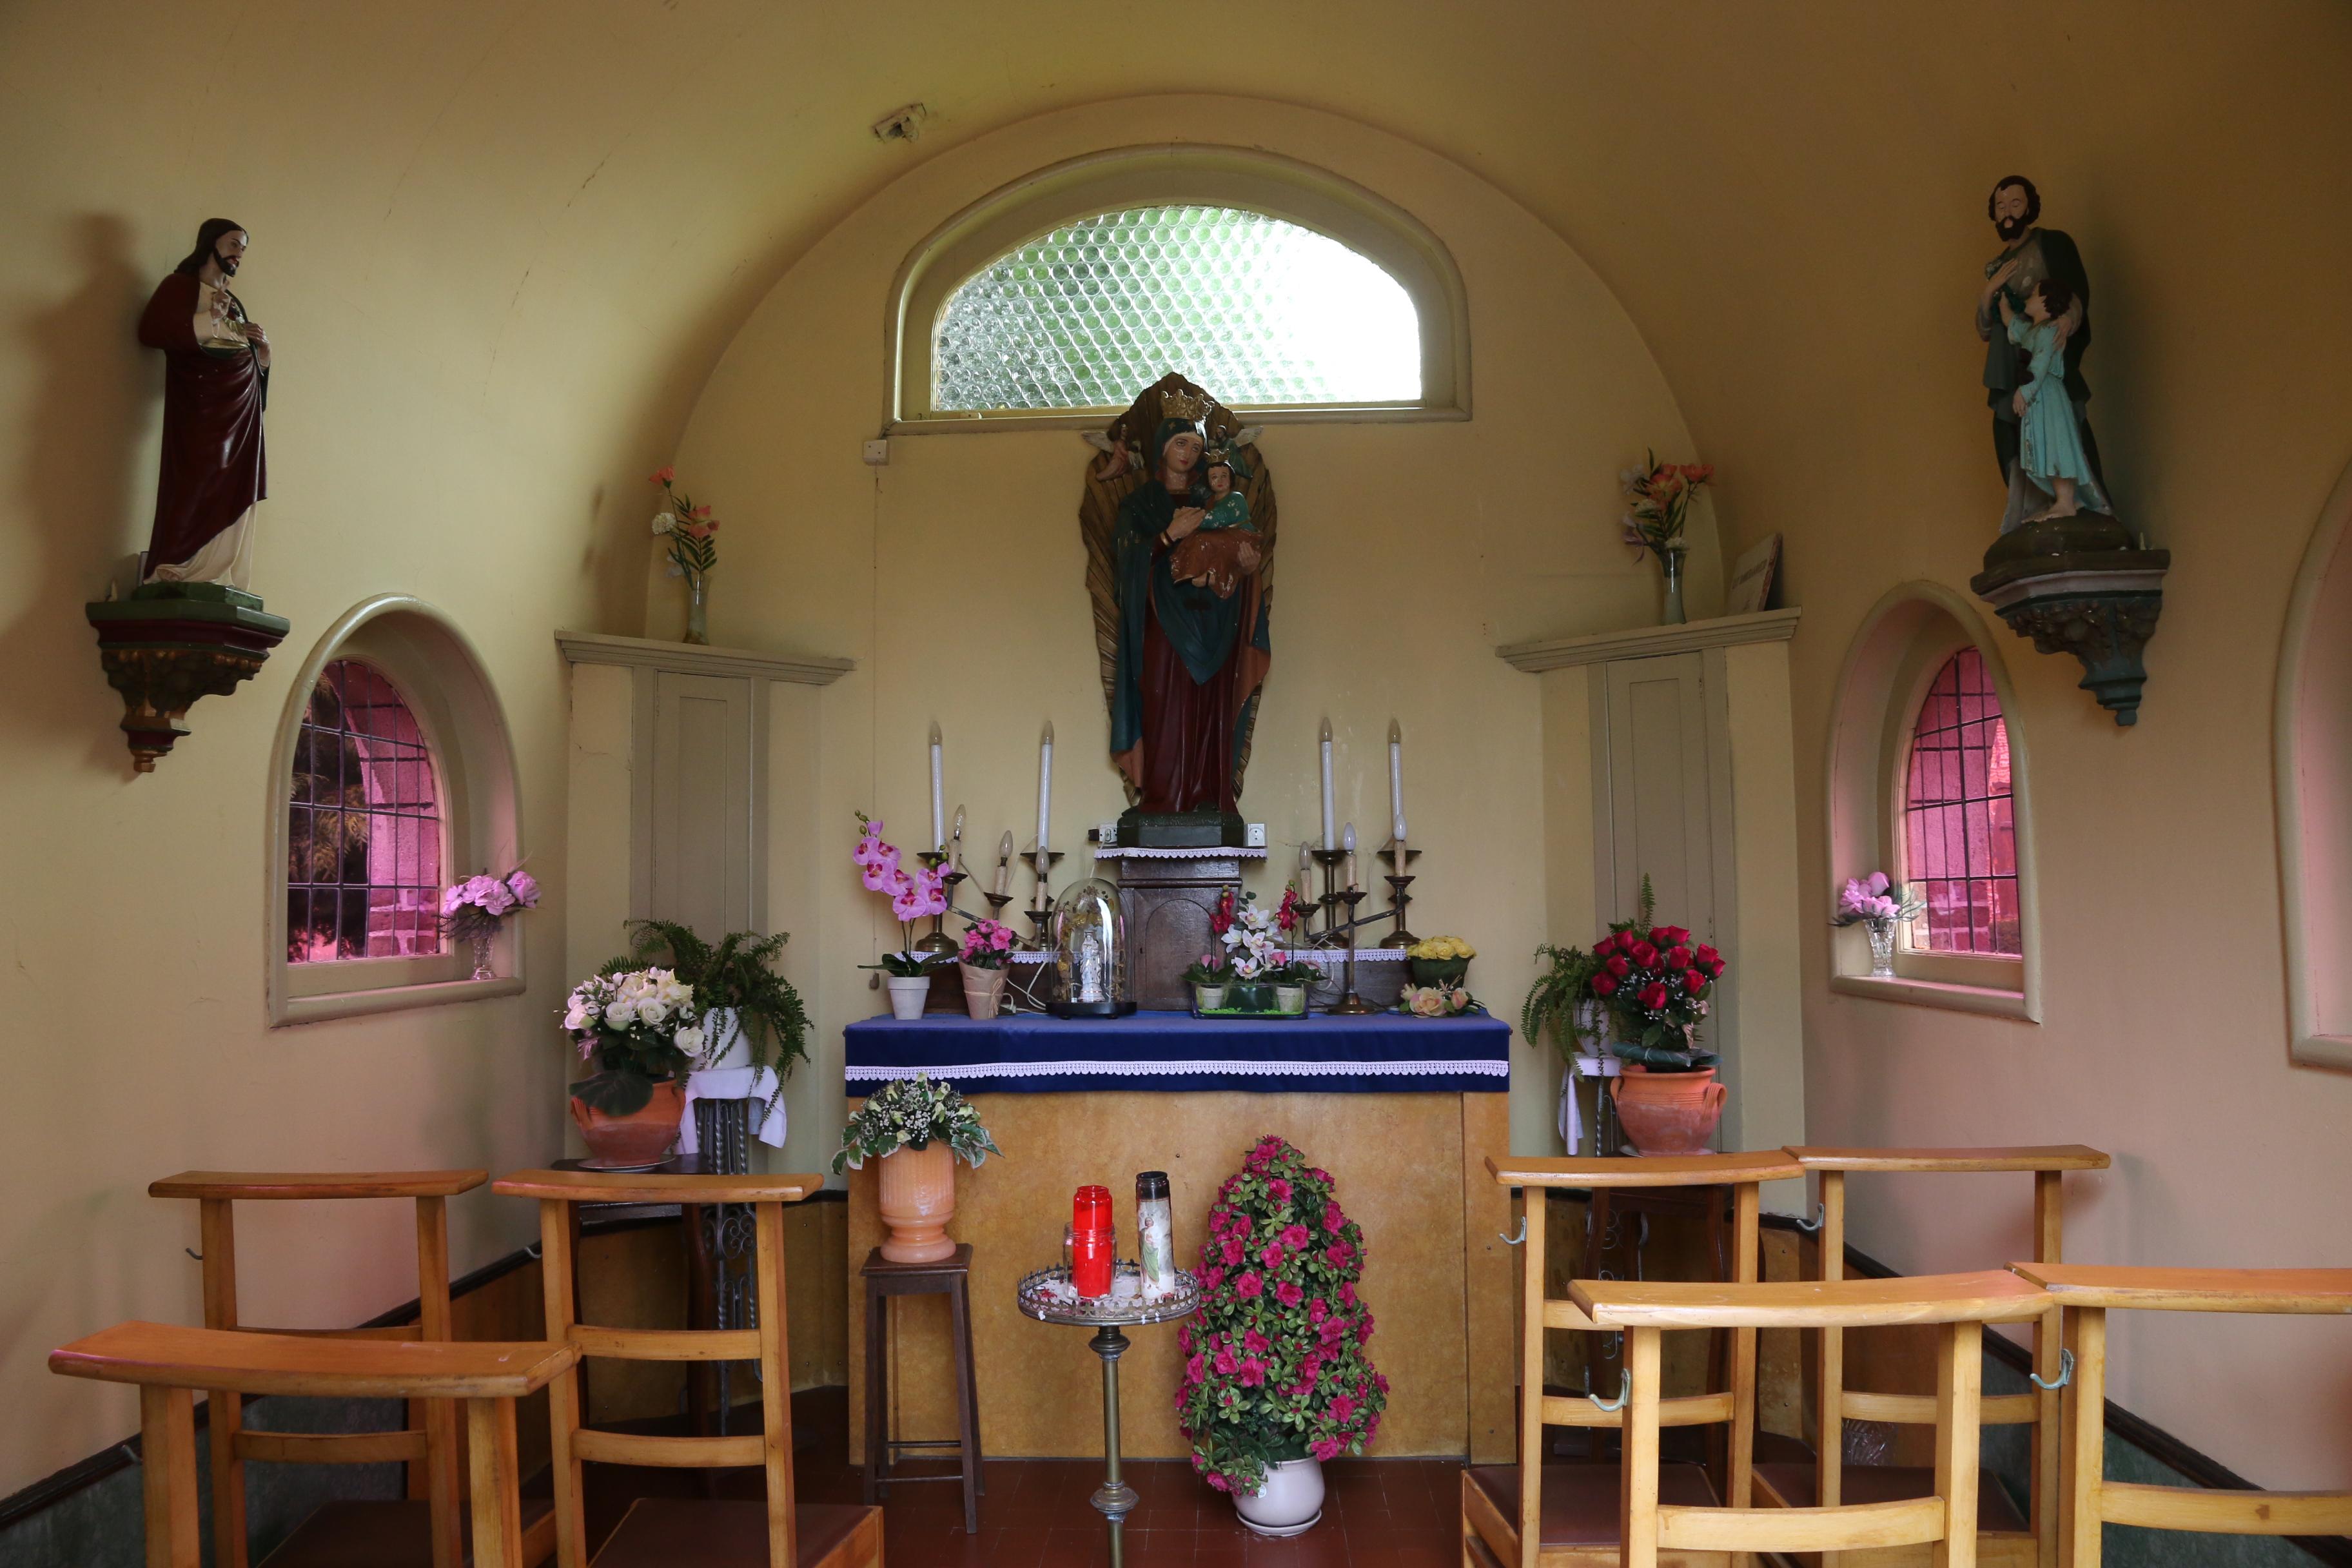 bestandemblem interieur van kapel bij hoeve het witte venjpg